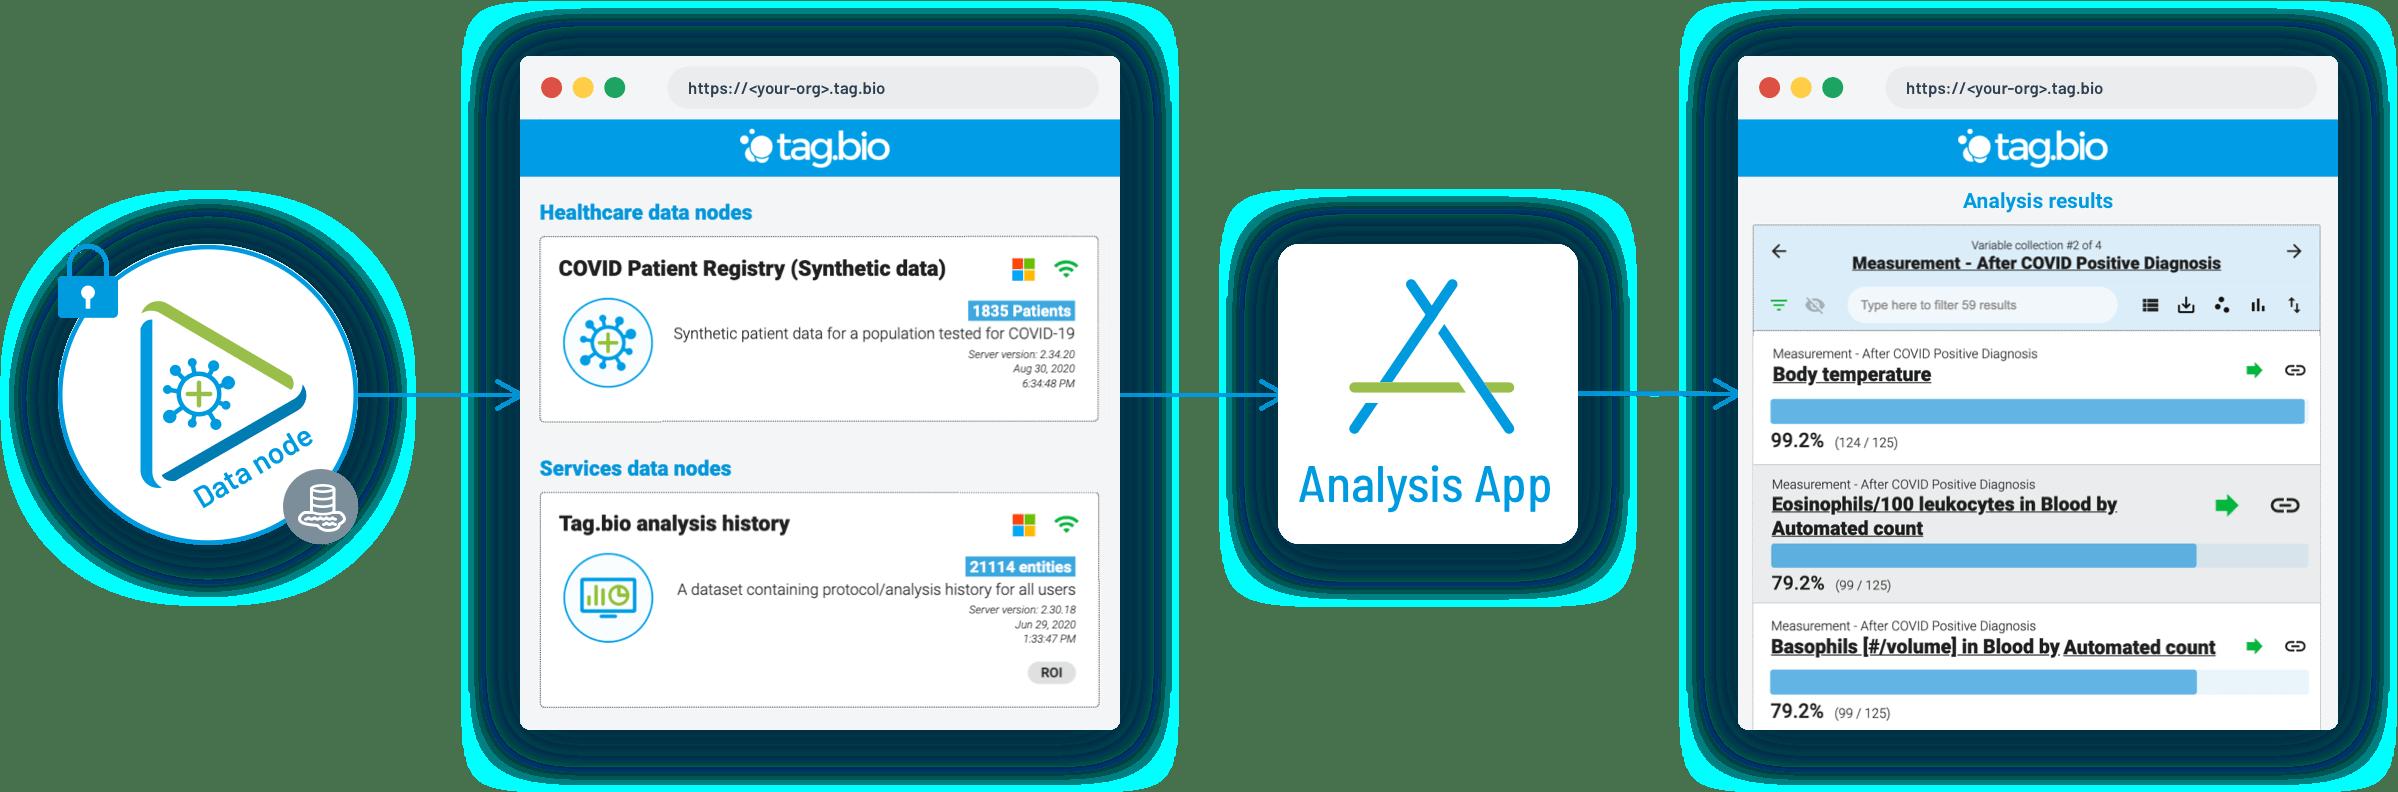 Tag.bio data to analysis process simple